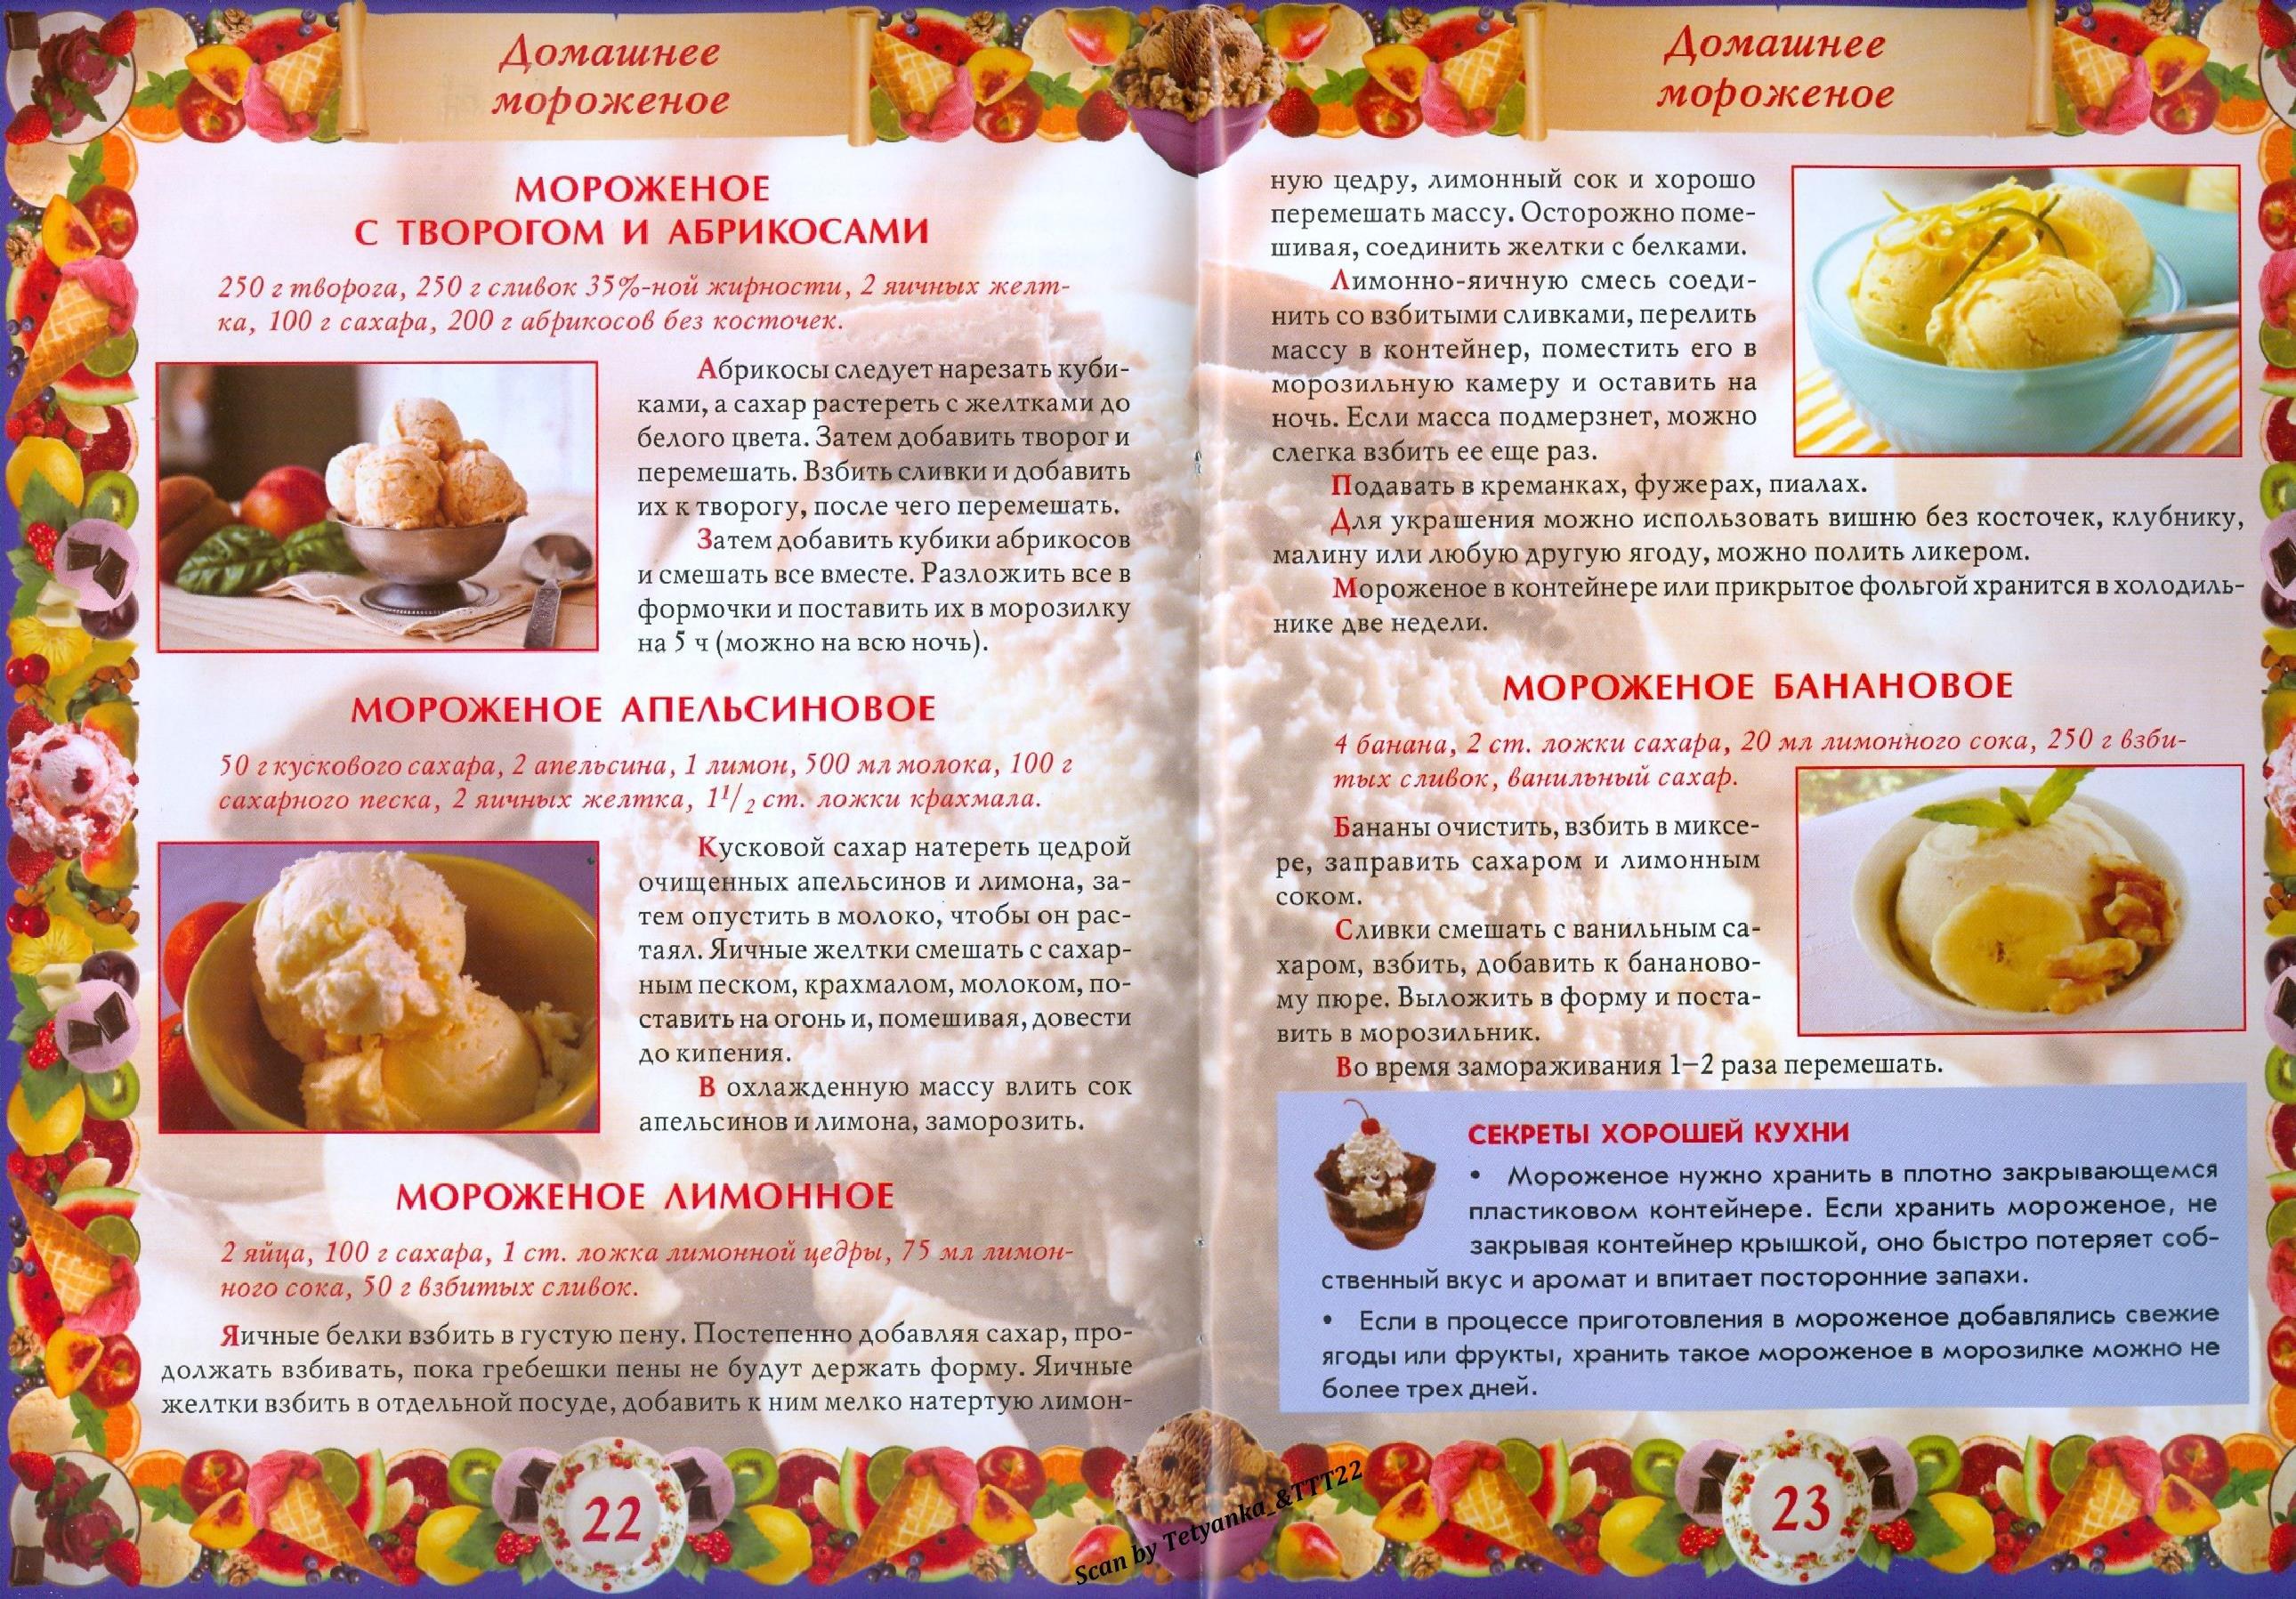 Светлана Мирошниченко (сост.) - Домашнее мороженое, холодные десерты (2014) PDF